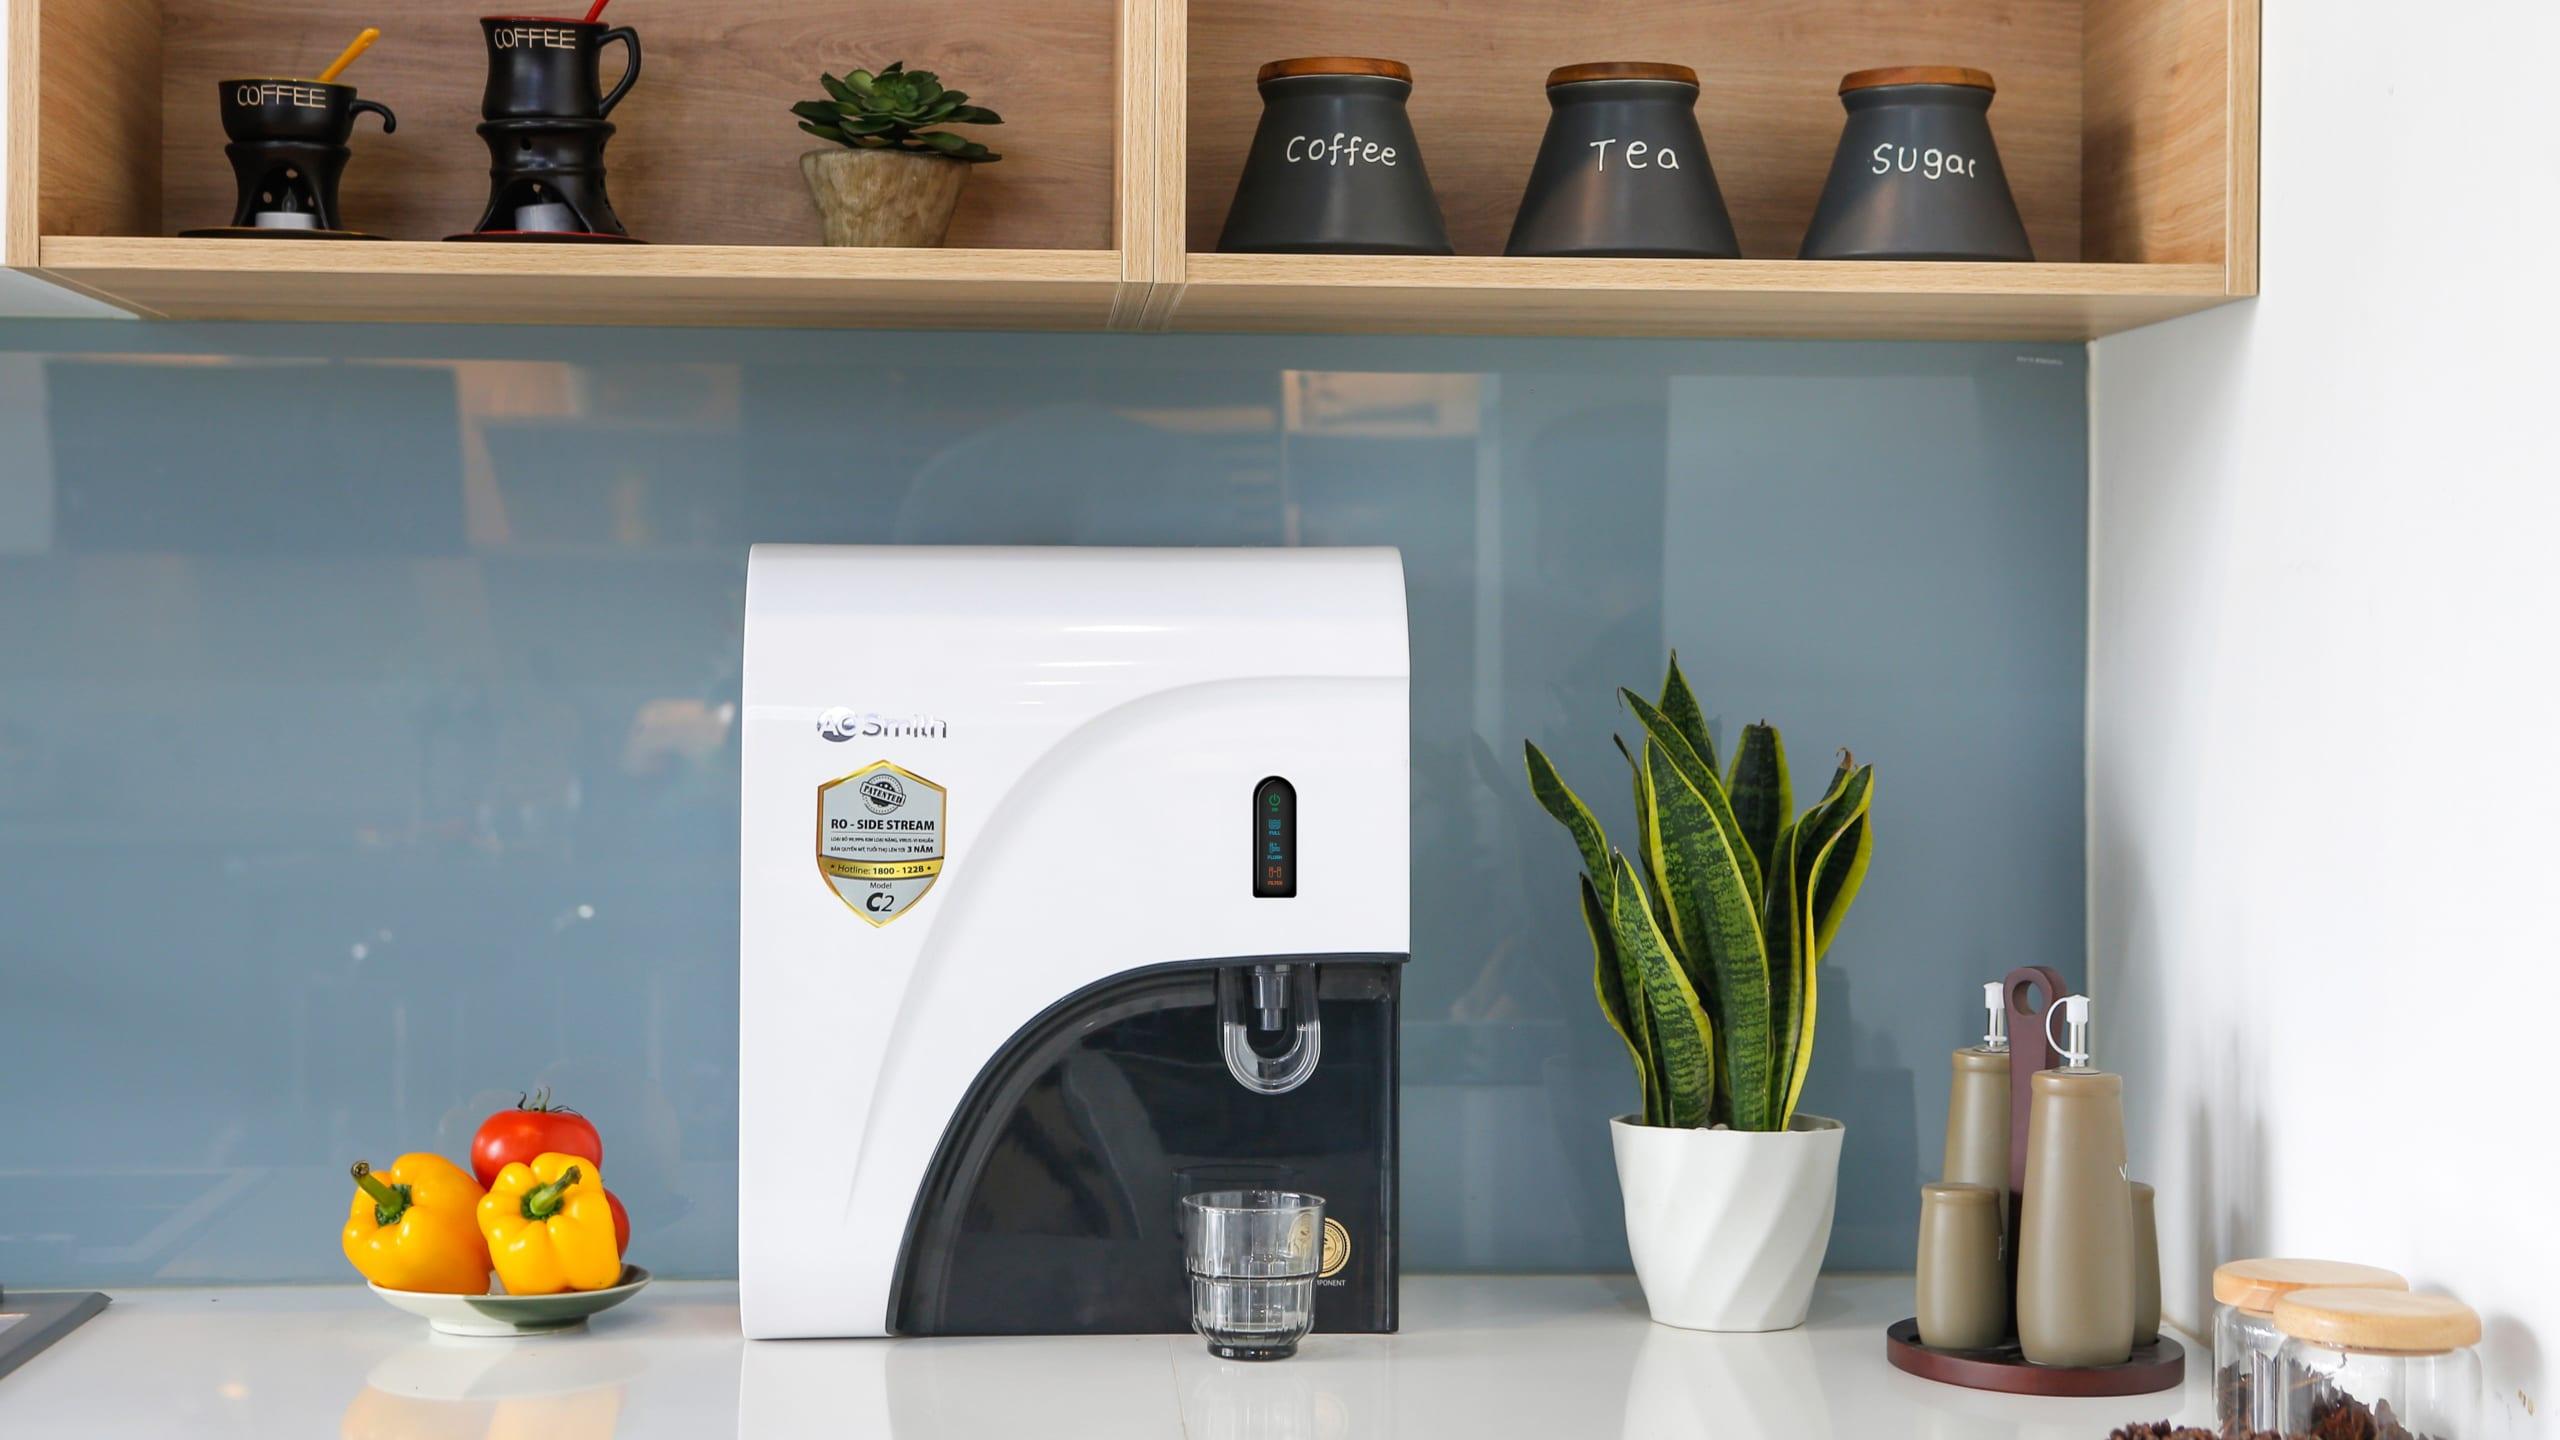 Máy lọc nước A.O.Smith C2 đặt tại bàn bếp